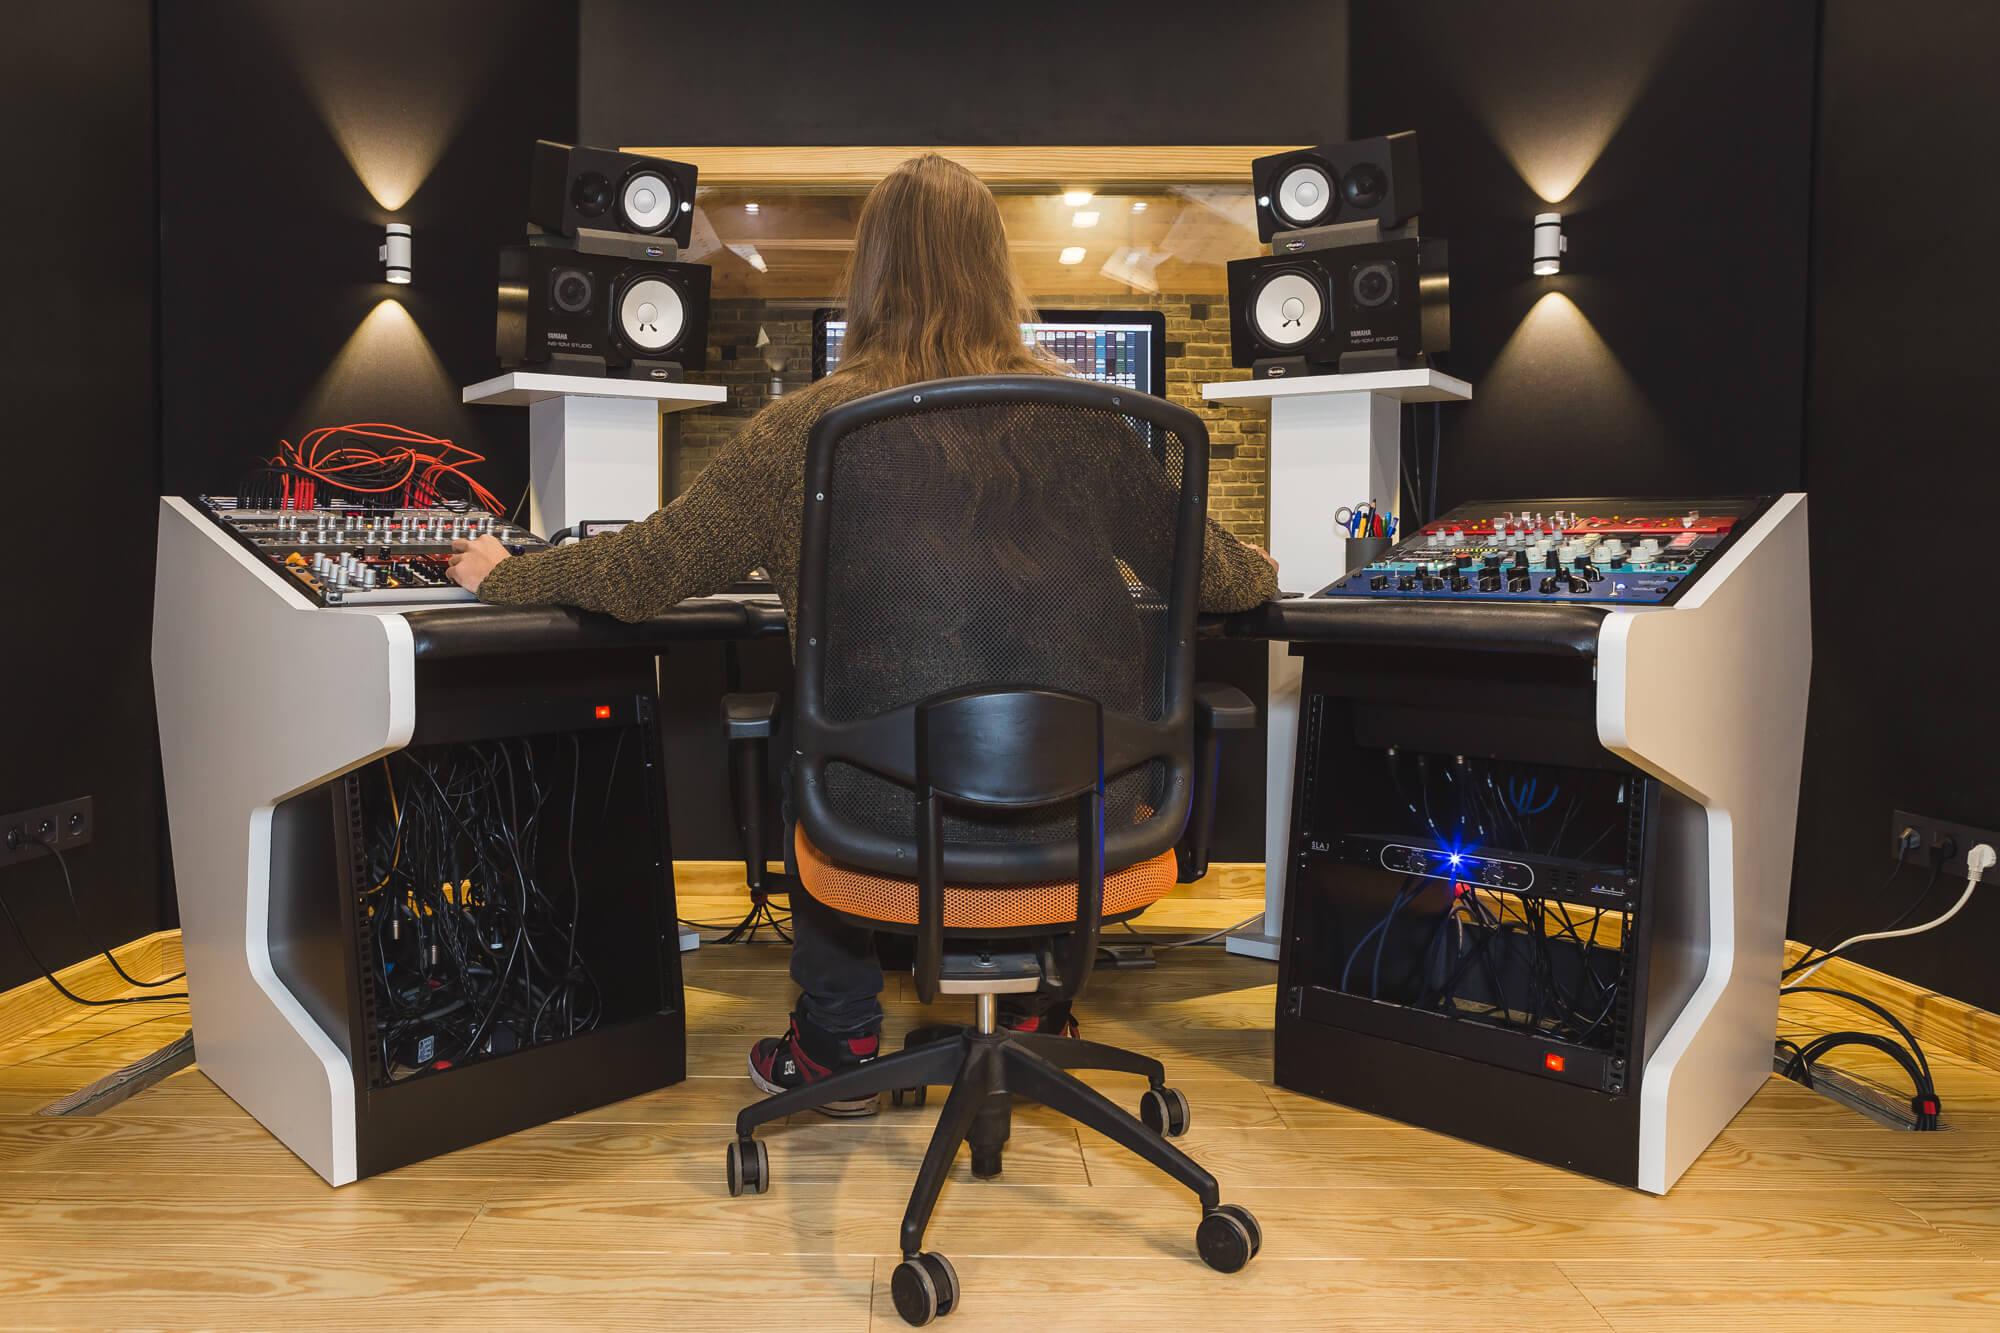 Project Zero recording studio